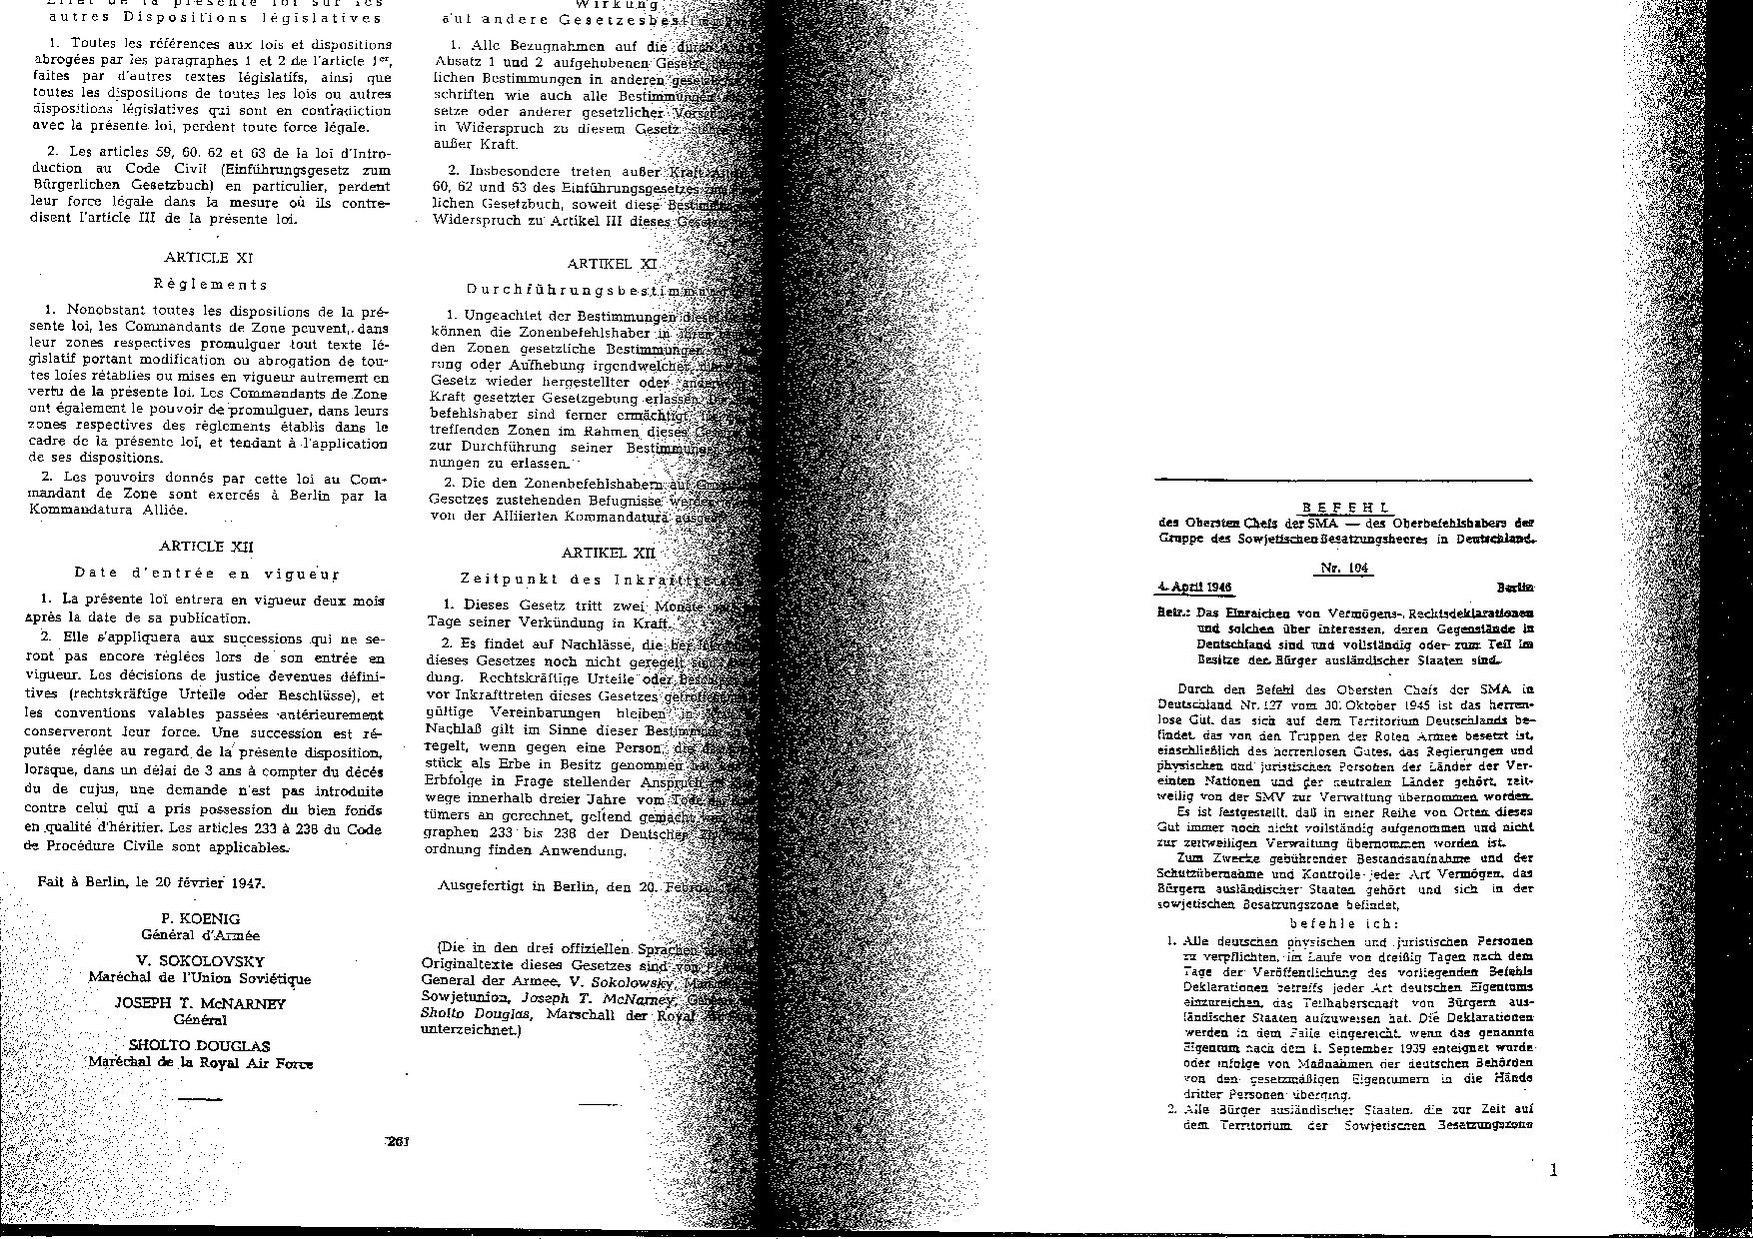 Datei:SMAD-Befehl Nr.104.pdf – Wikipedia